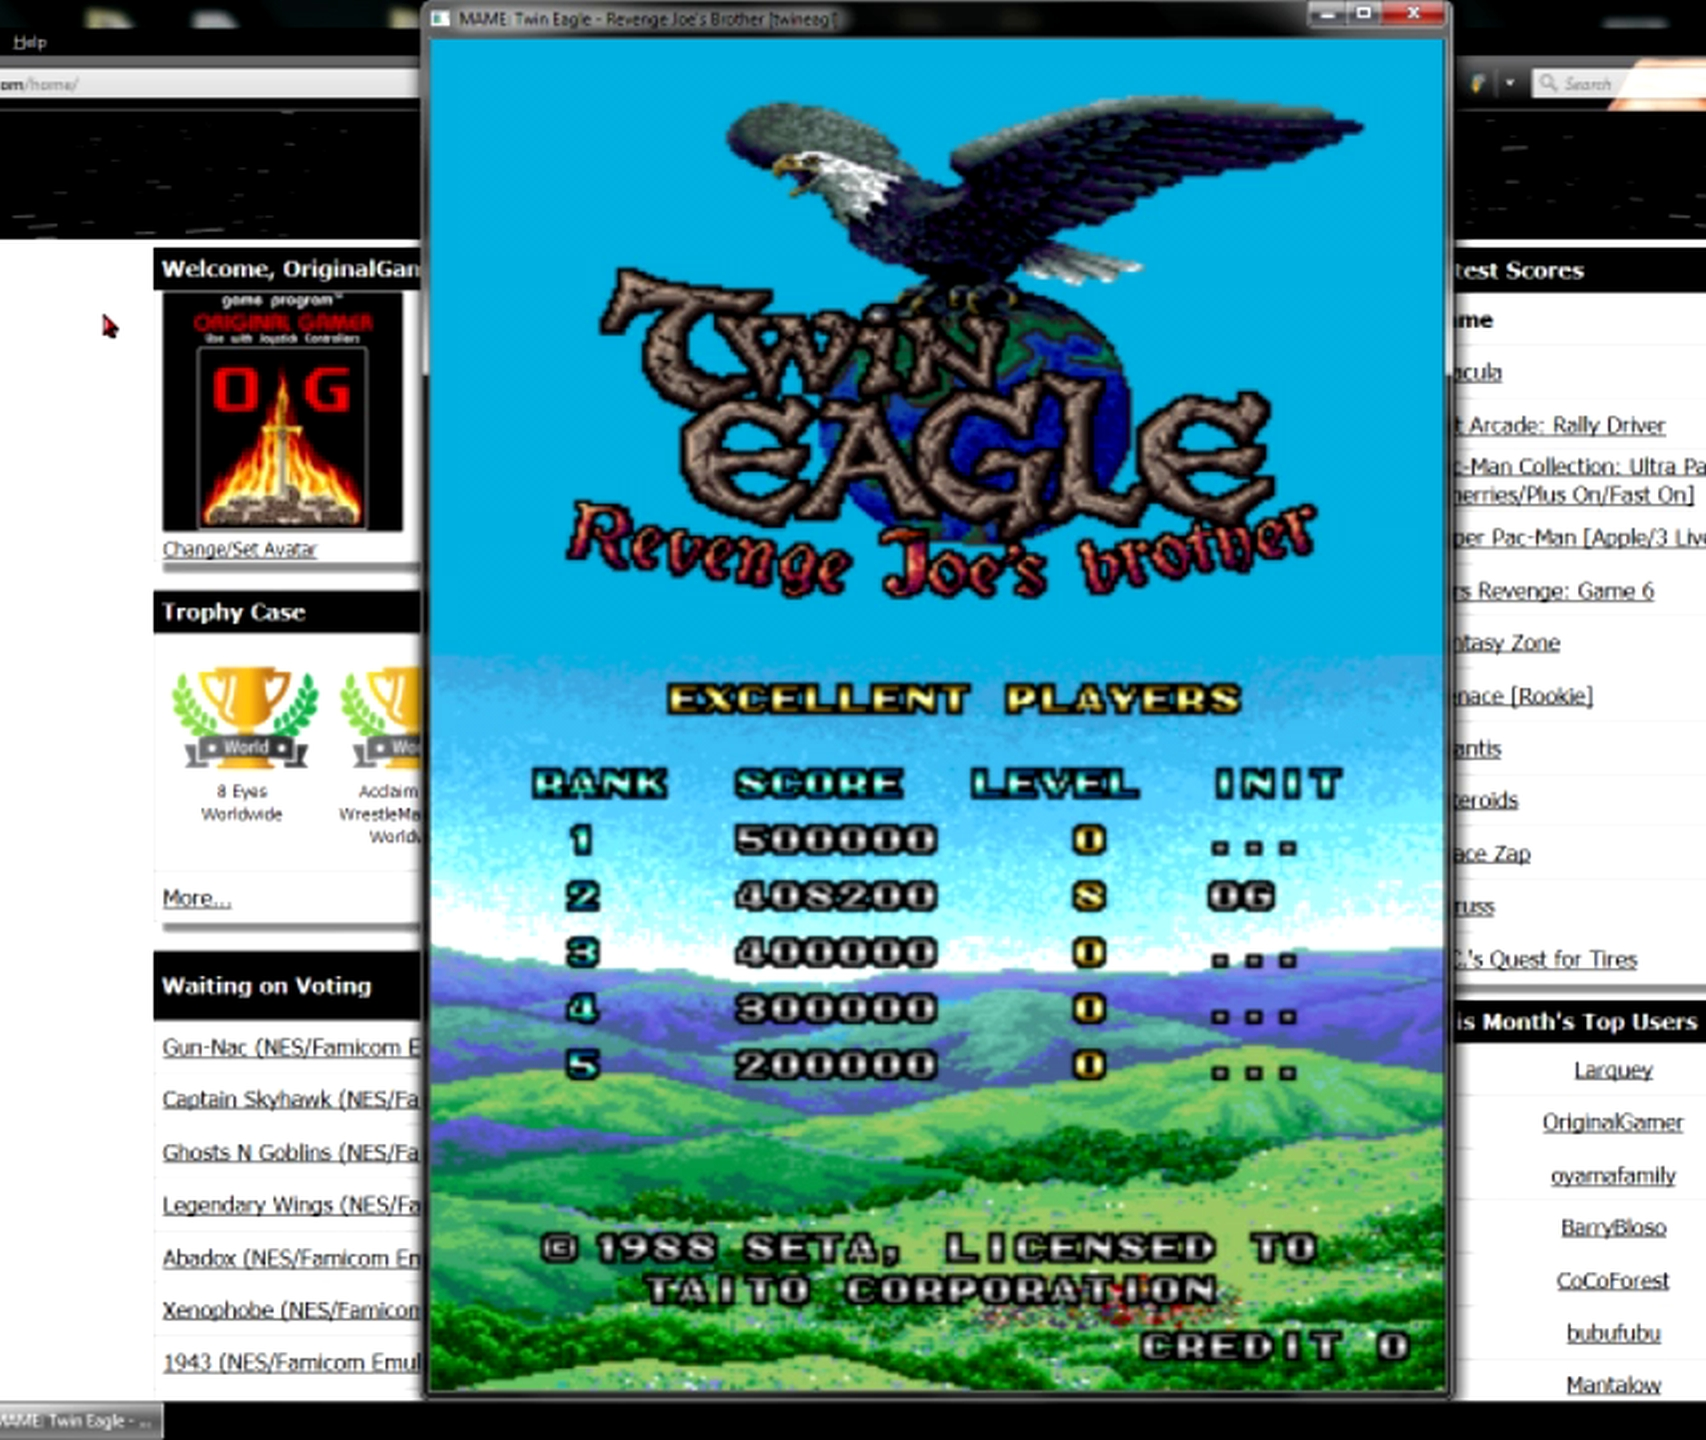 OriginalGamer: Twin Eagle [twineagl] (Arcade Emulated / M.A.M.E.) 408,200 points on 2015-05-11 13:39:28